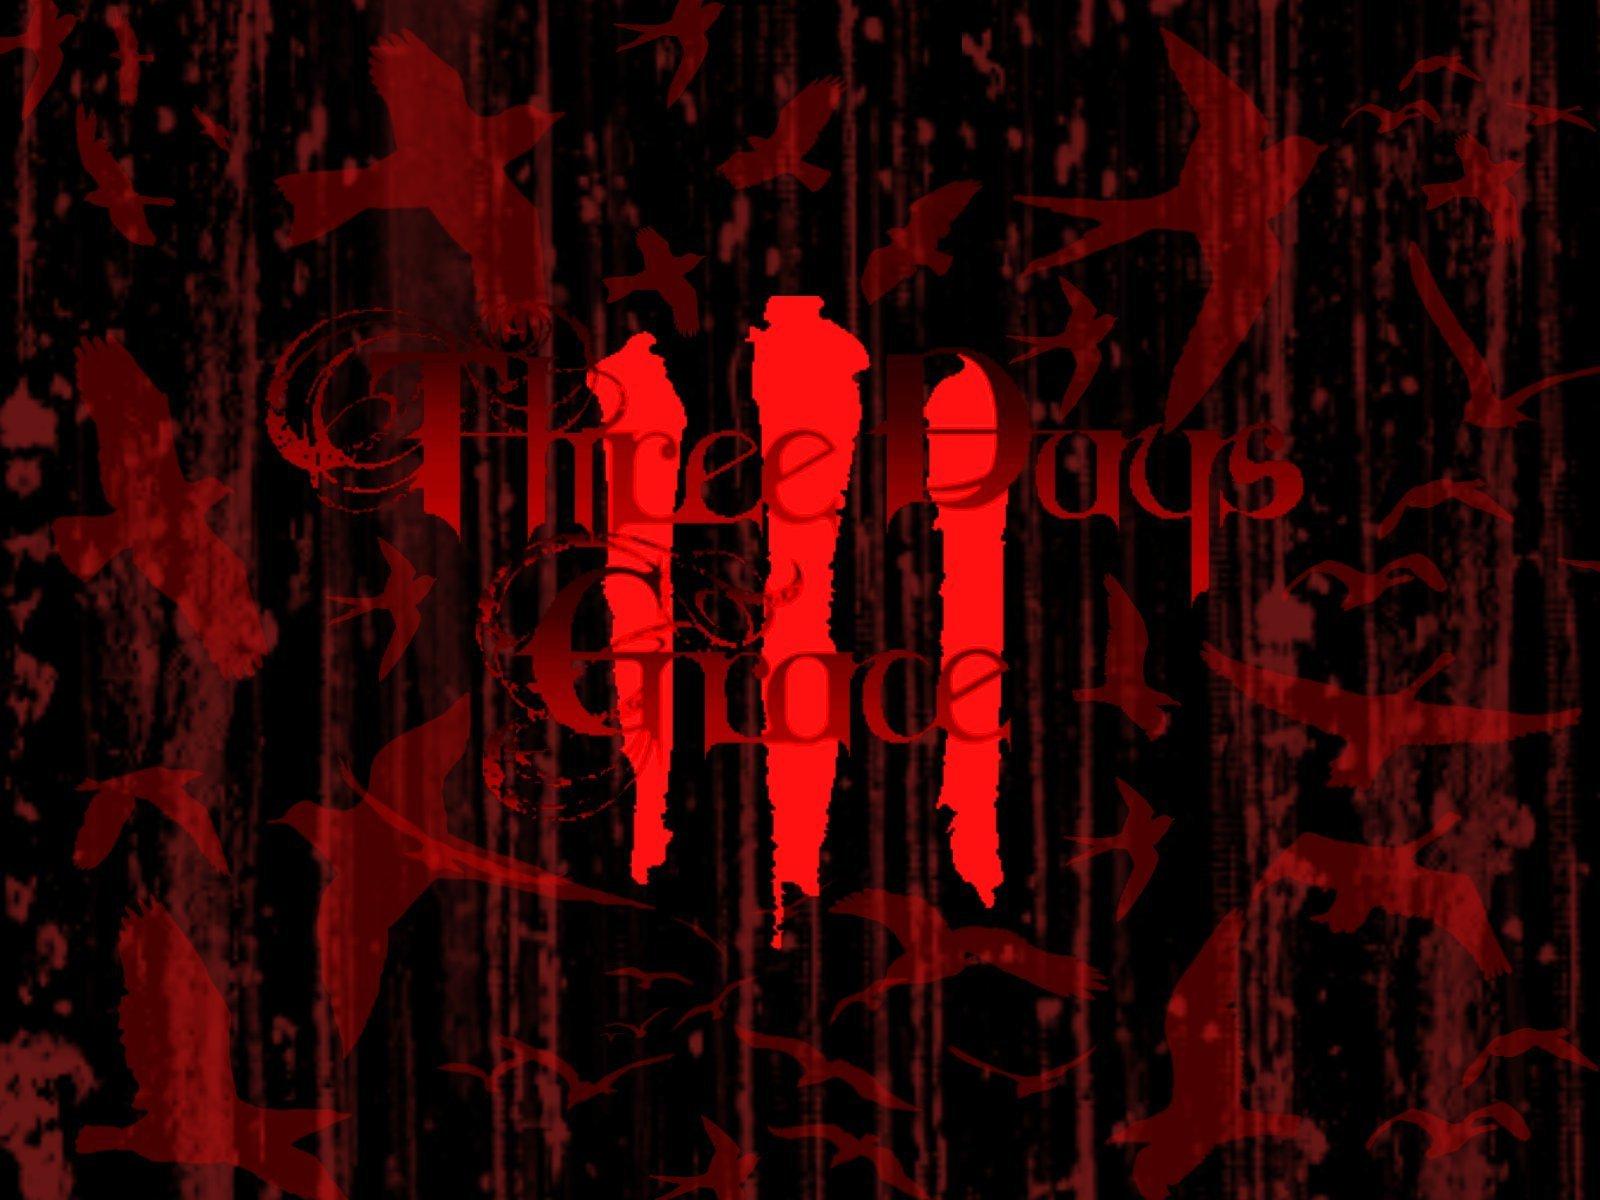 Three Days Grace   Three Days Grace Wallpaper 21768768 1600x1200